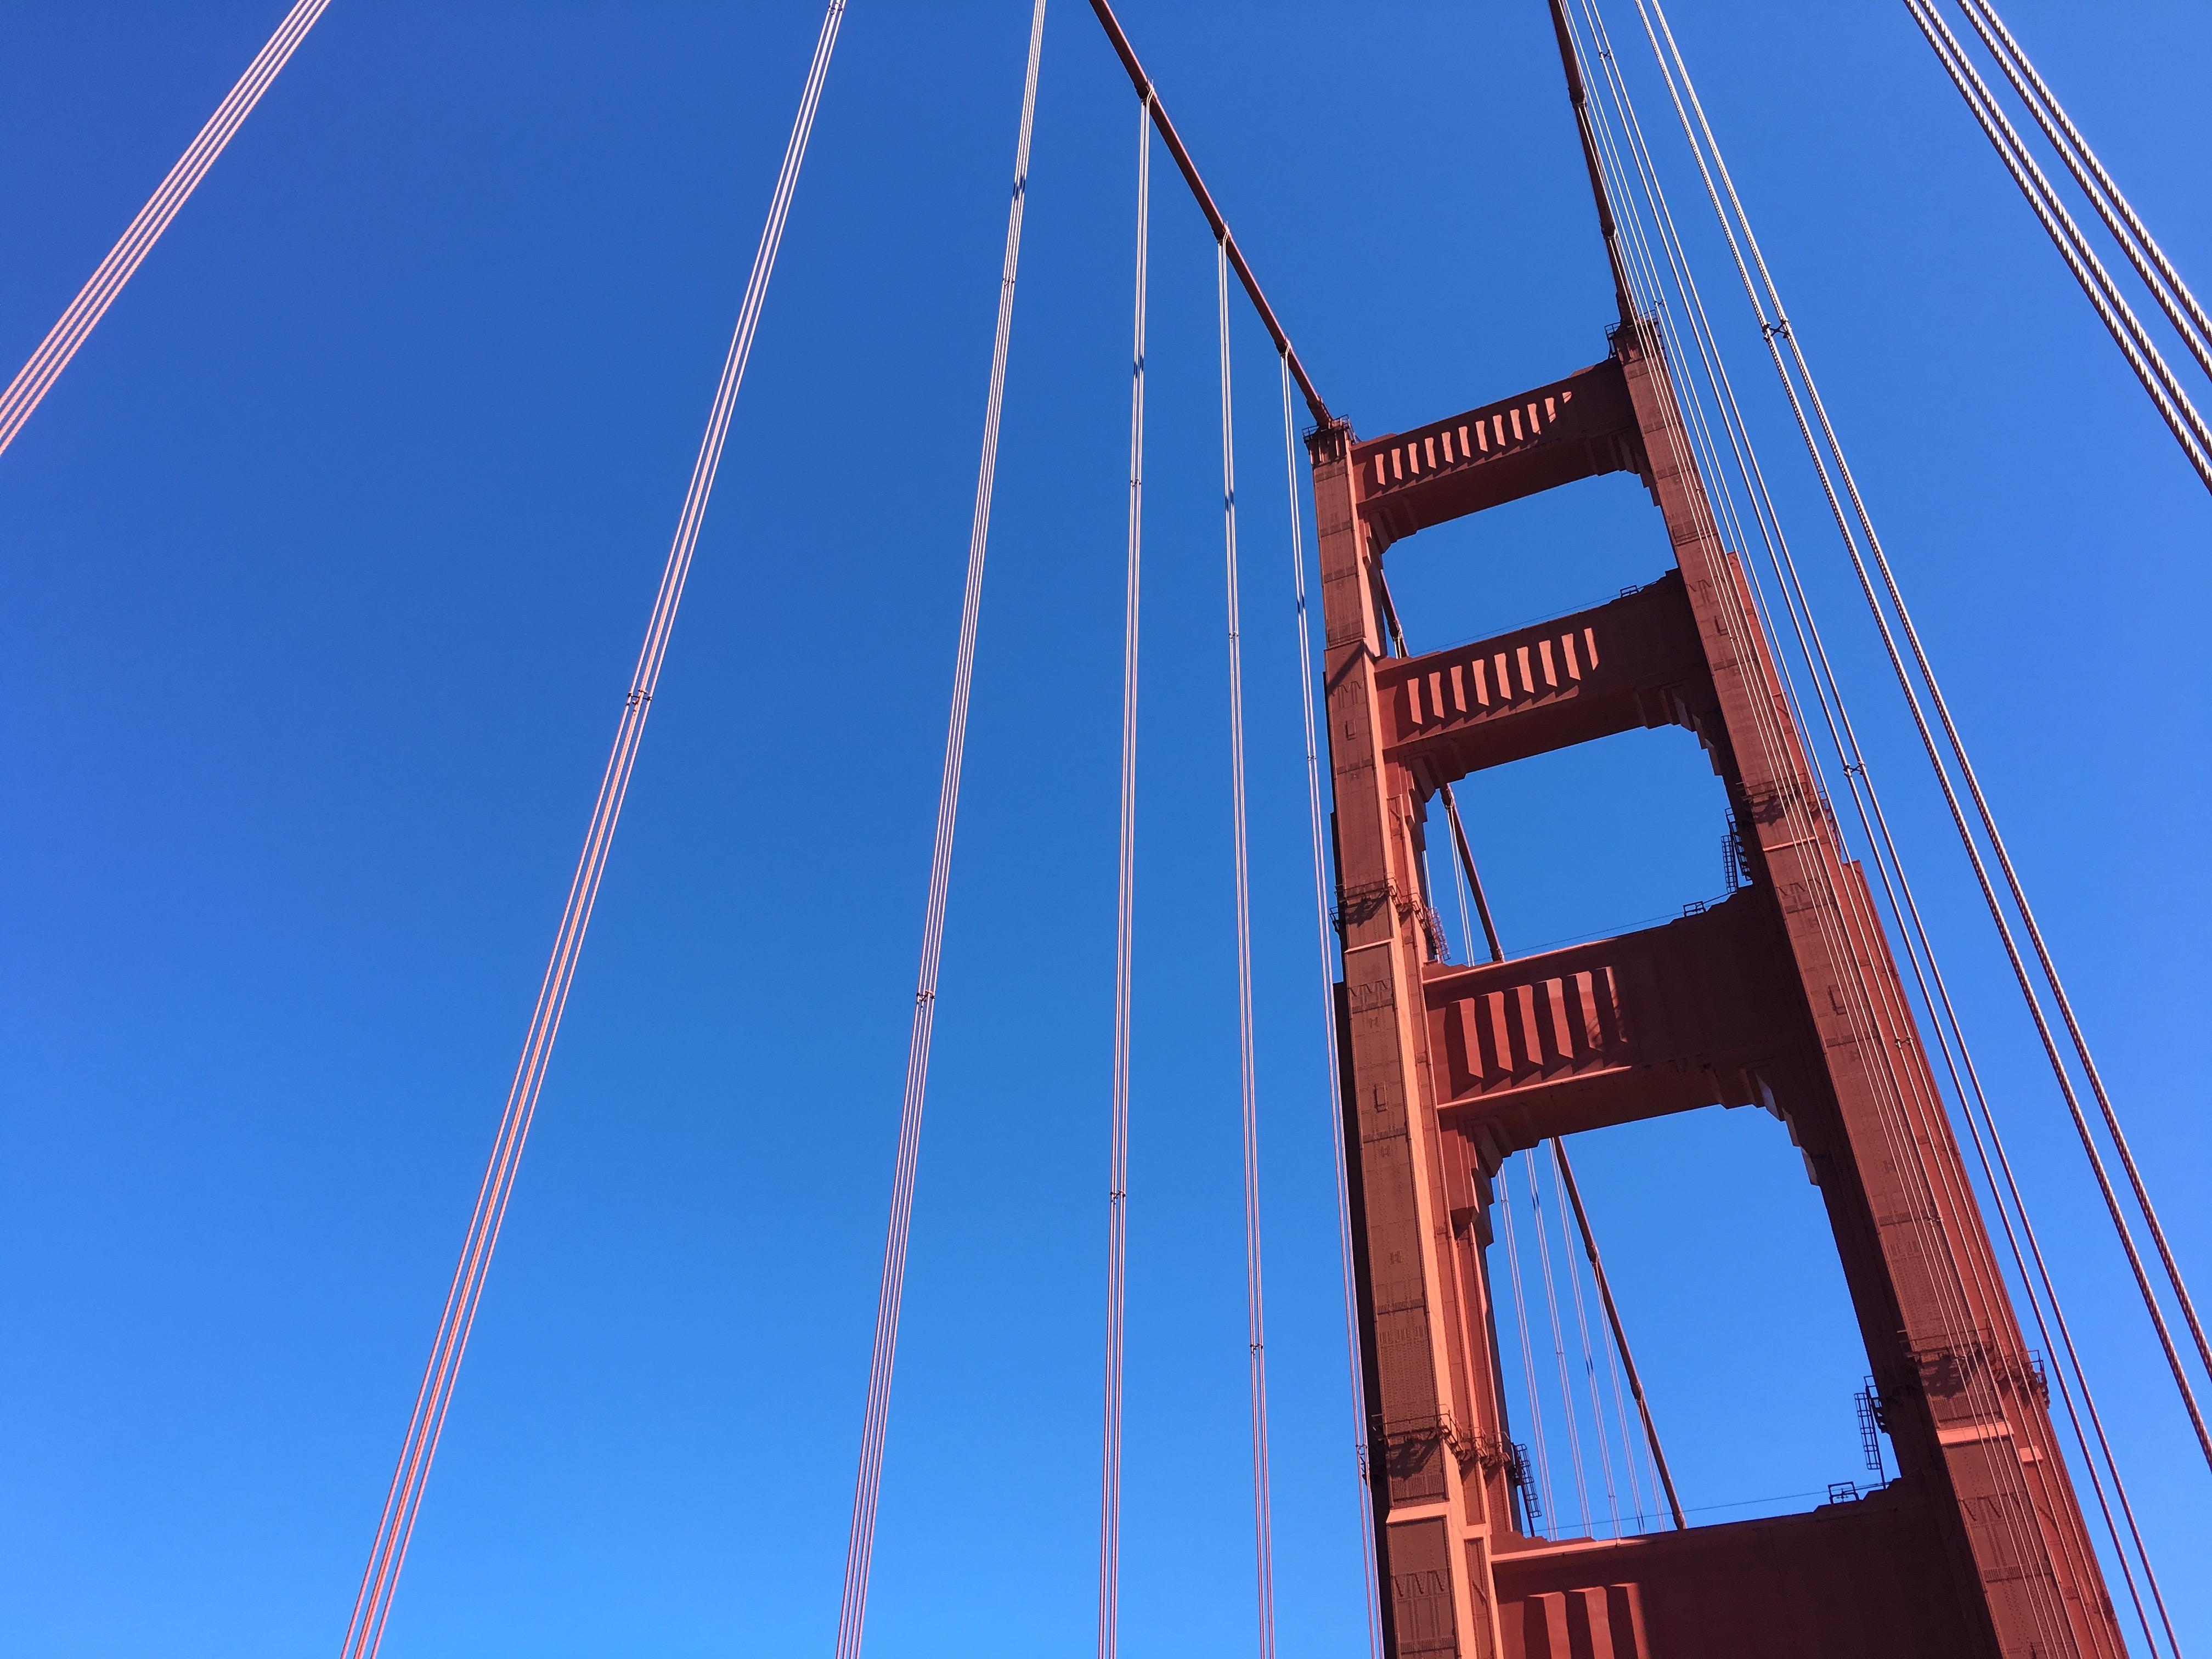 Die Golden Gate Bridge wird auch dieses Jahr wieder mein Ziel werden.